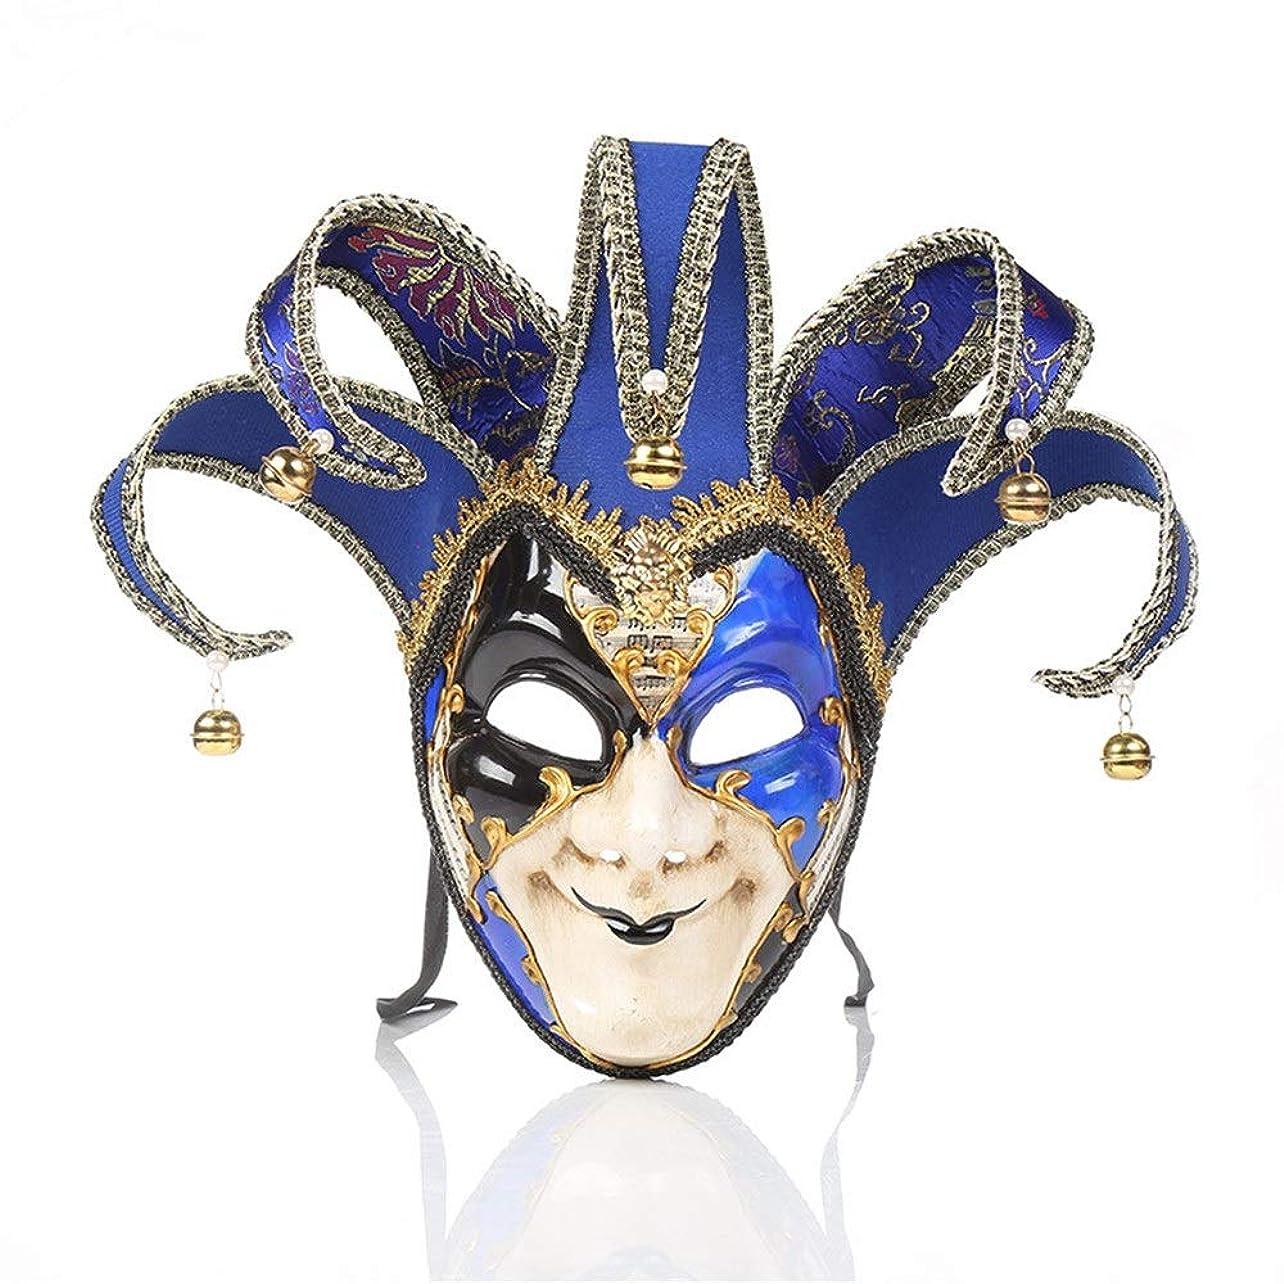 味大魔術師ダンスマスク ピエロマスクハロウィーンパフォーマンスパフォーマンス仮面舞踏会雰囲気用品祭りロールプレイングプラスチックマスク ホリデーパーティー用品 (色 : 青, サイズ : 39x33cm)